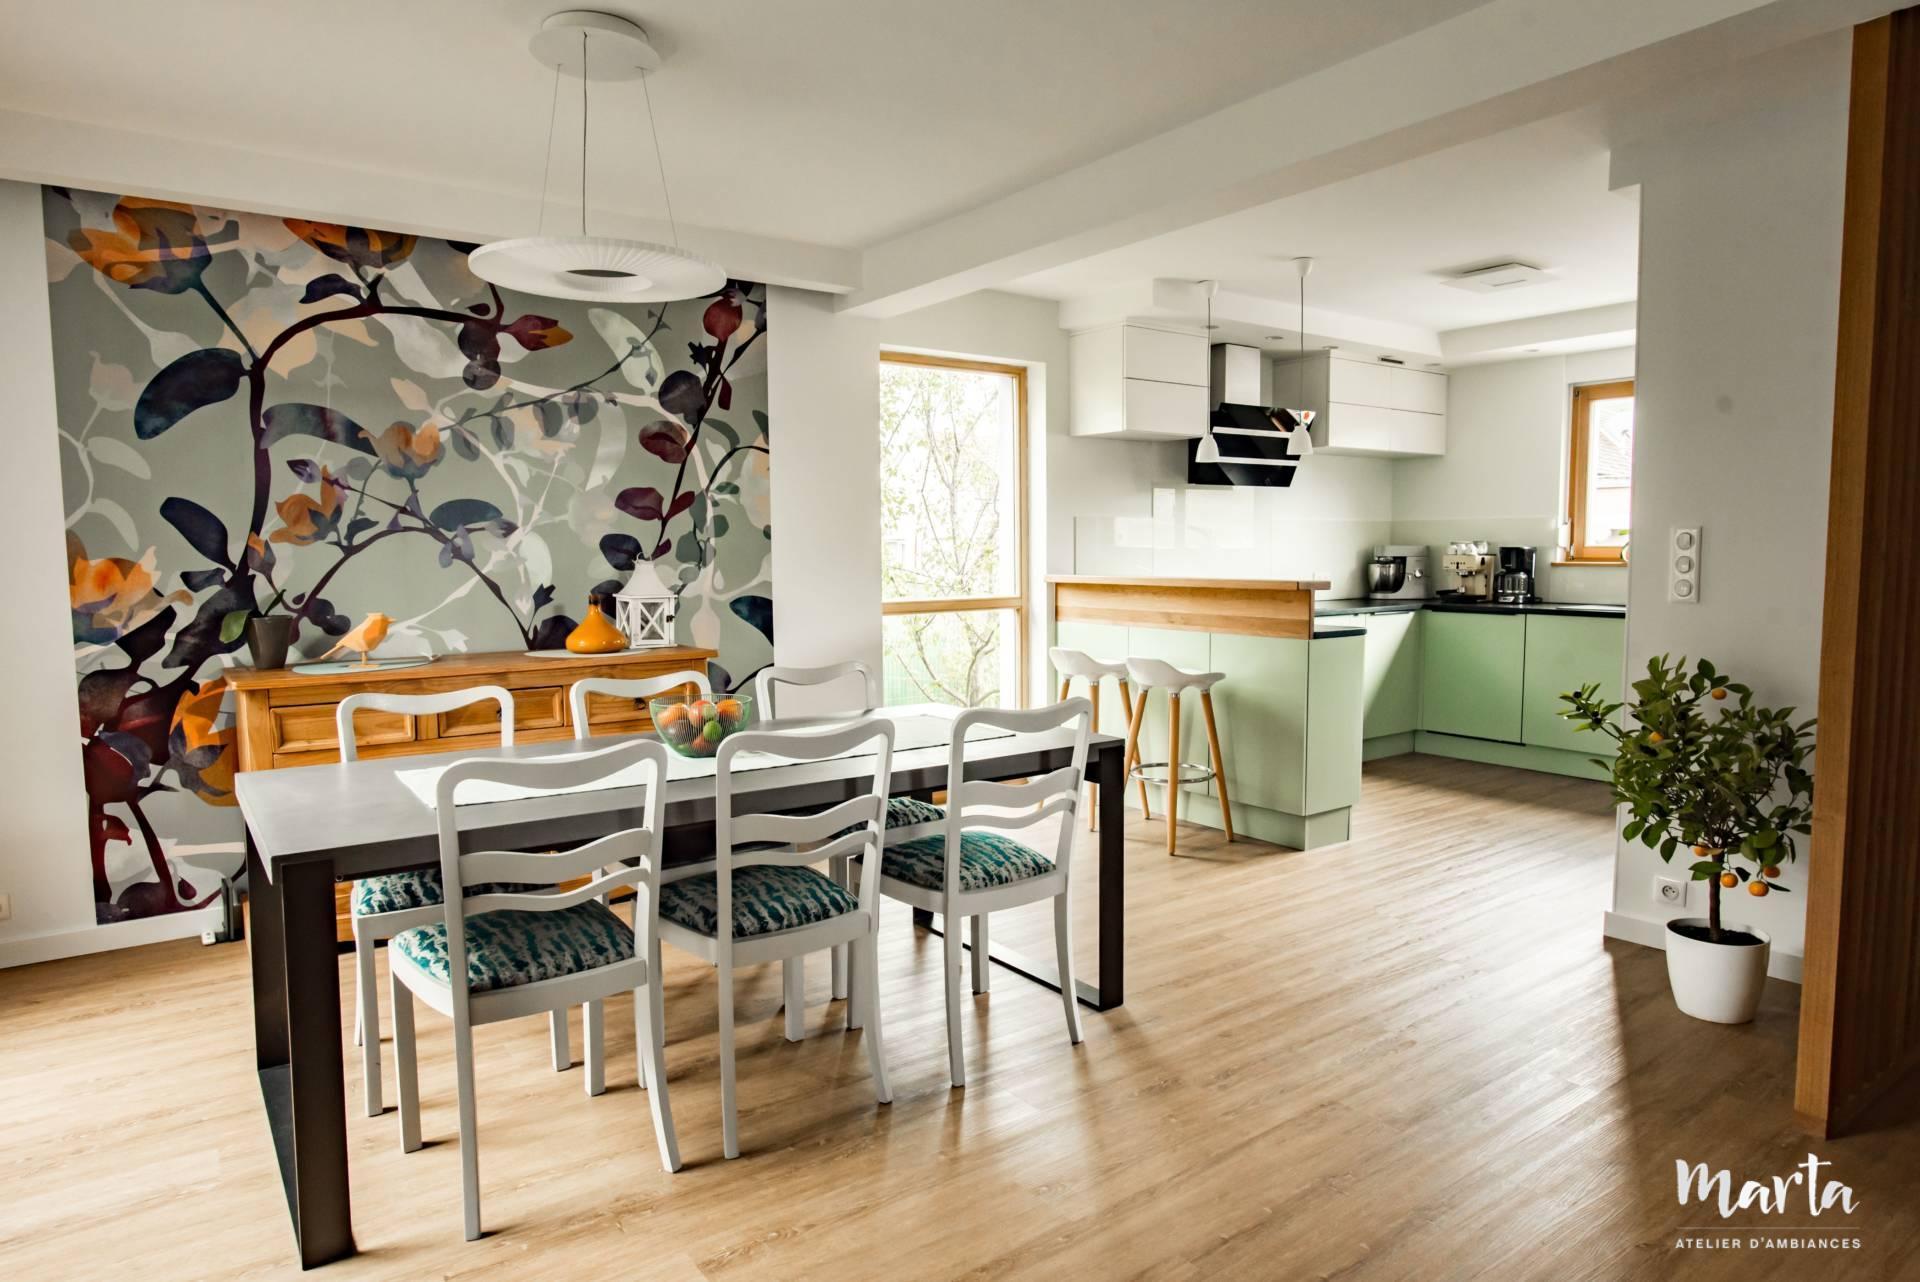 Salle à manger style nature, par Marta Atelier d'Ambiances, Architecte d'intérieur à Mulhouse, Alsace